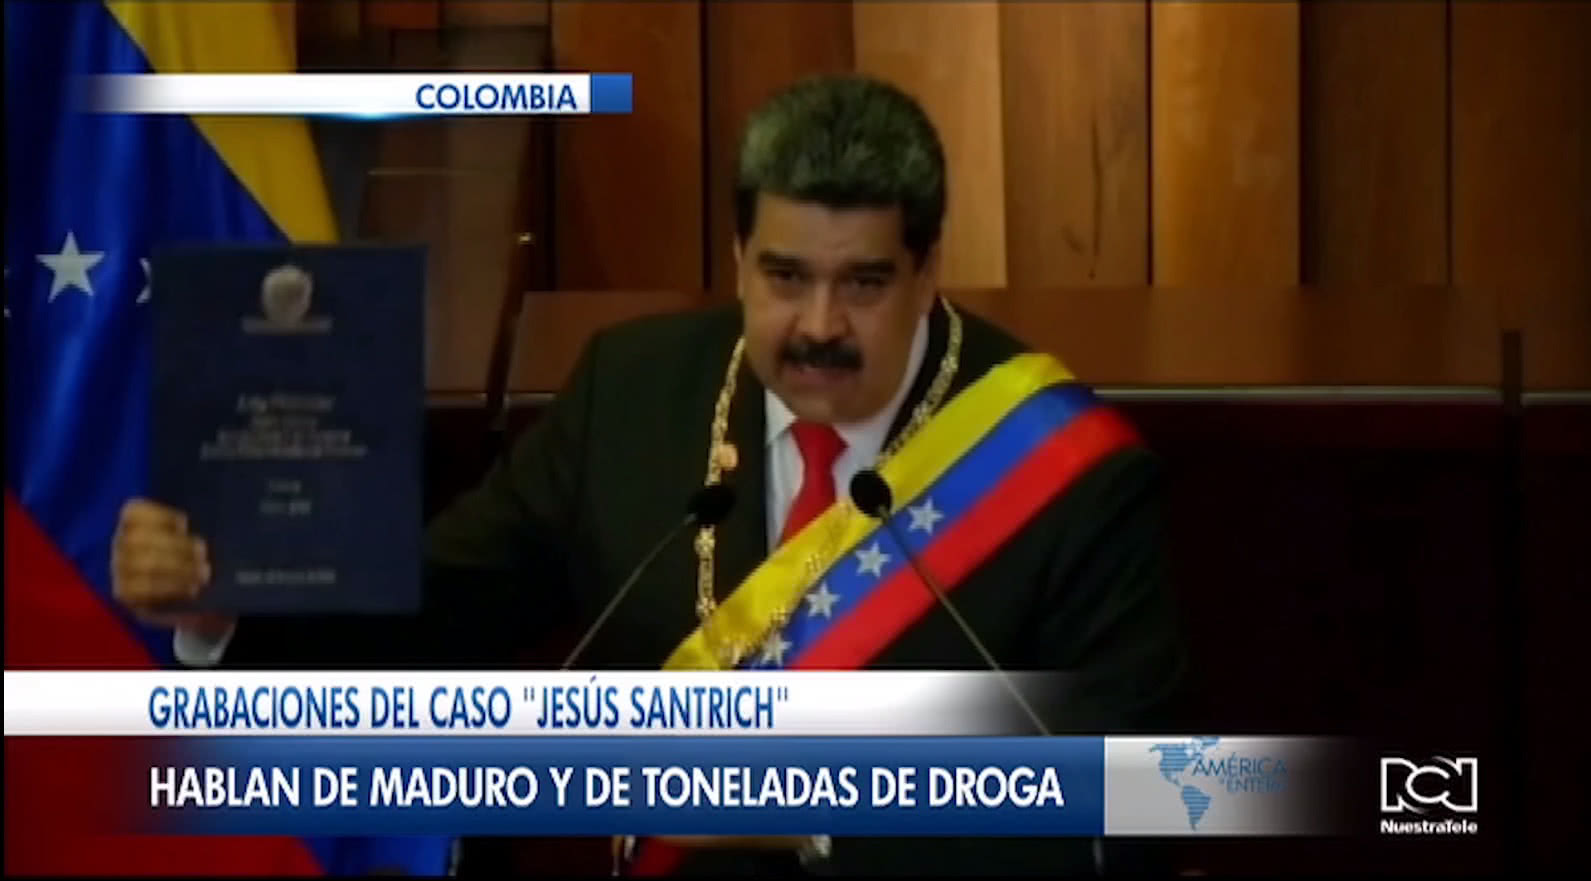 Nicolás Maduro fue mencionado en las grabaciones del caso Jesús Santrich